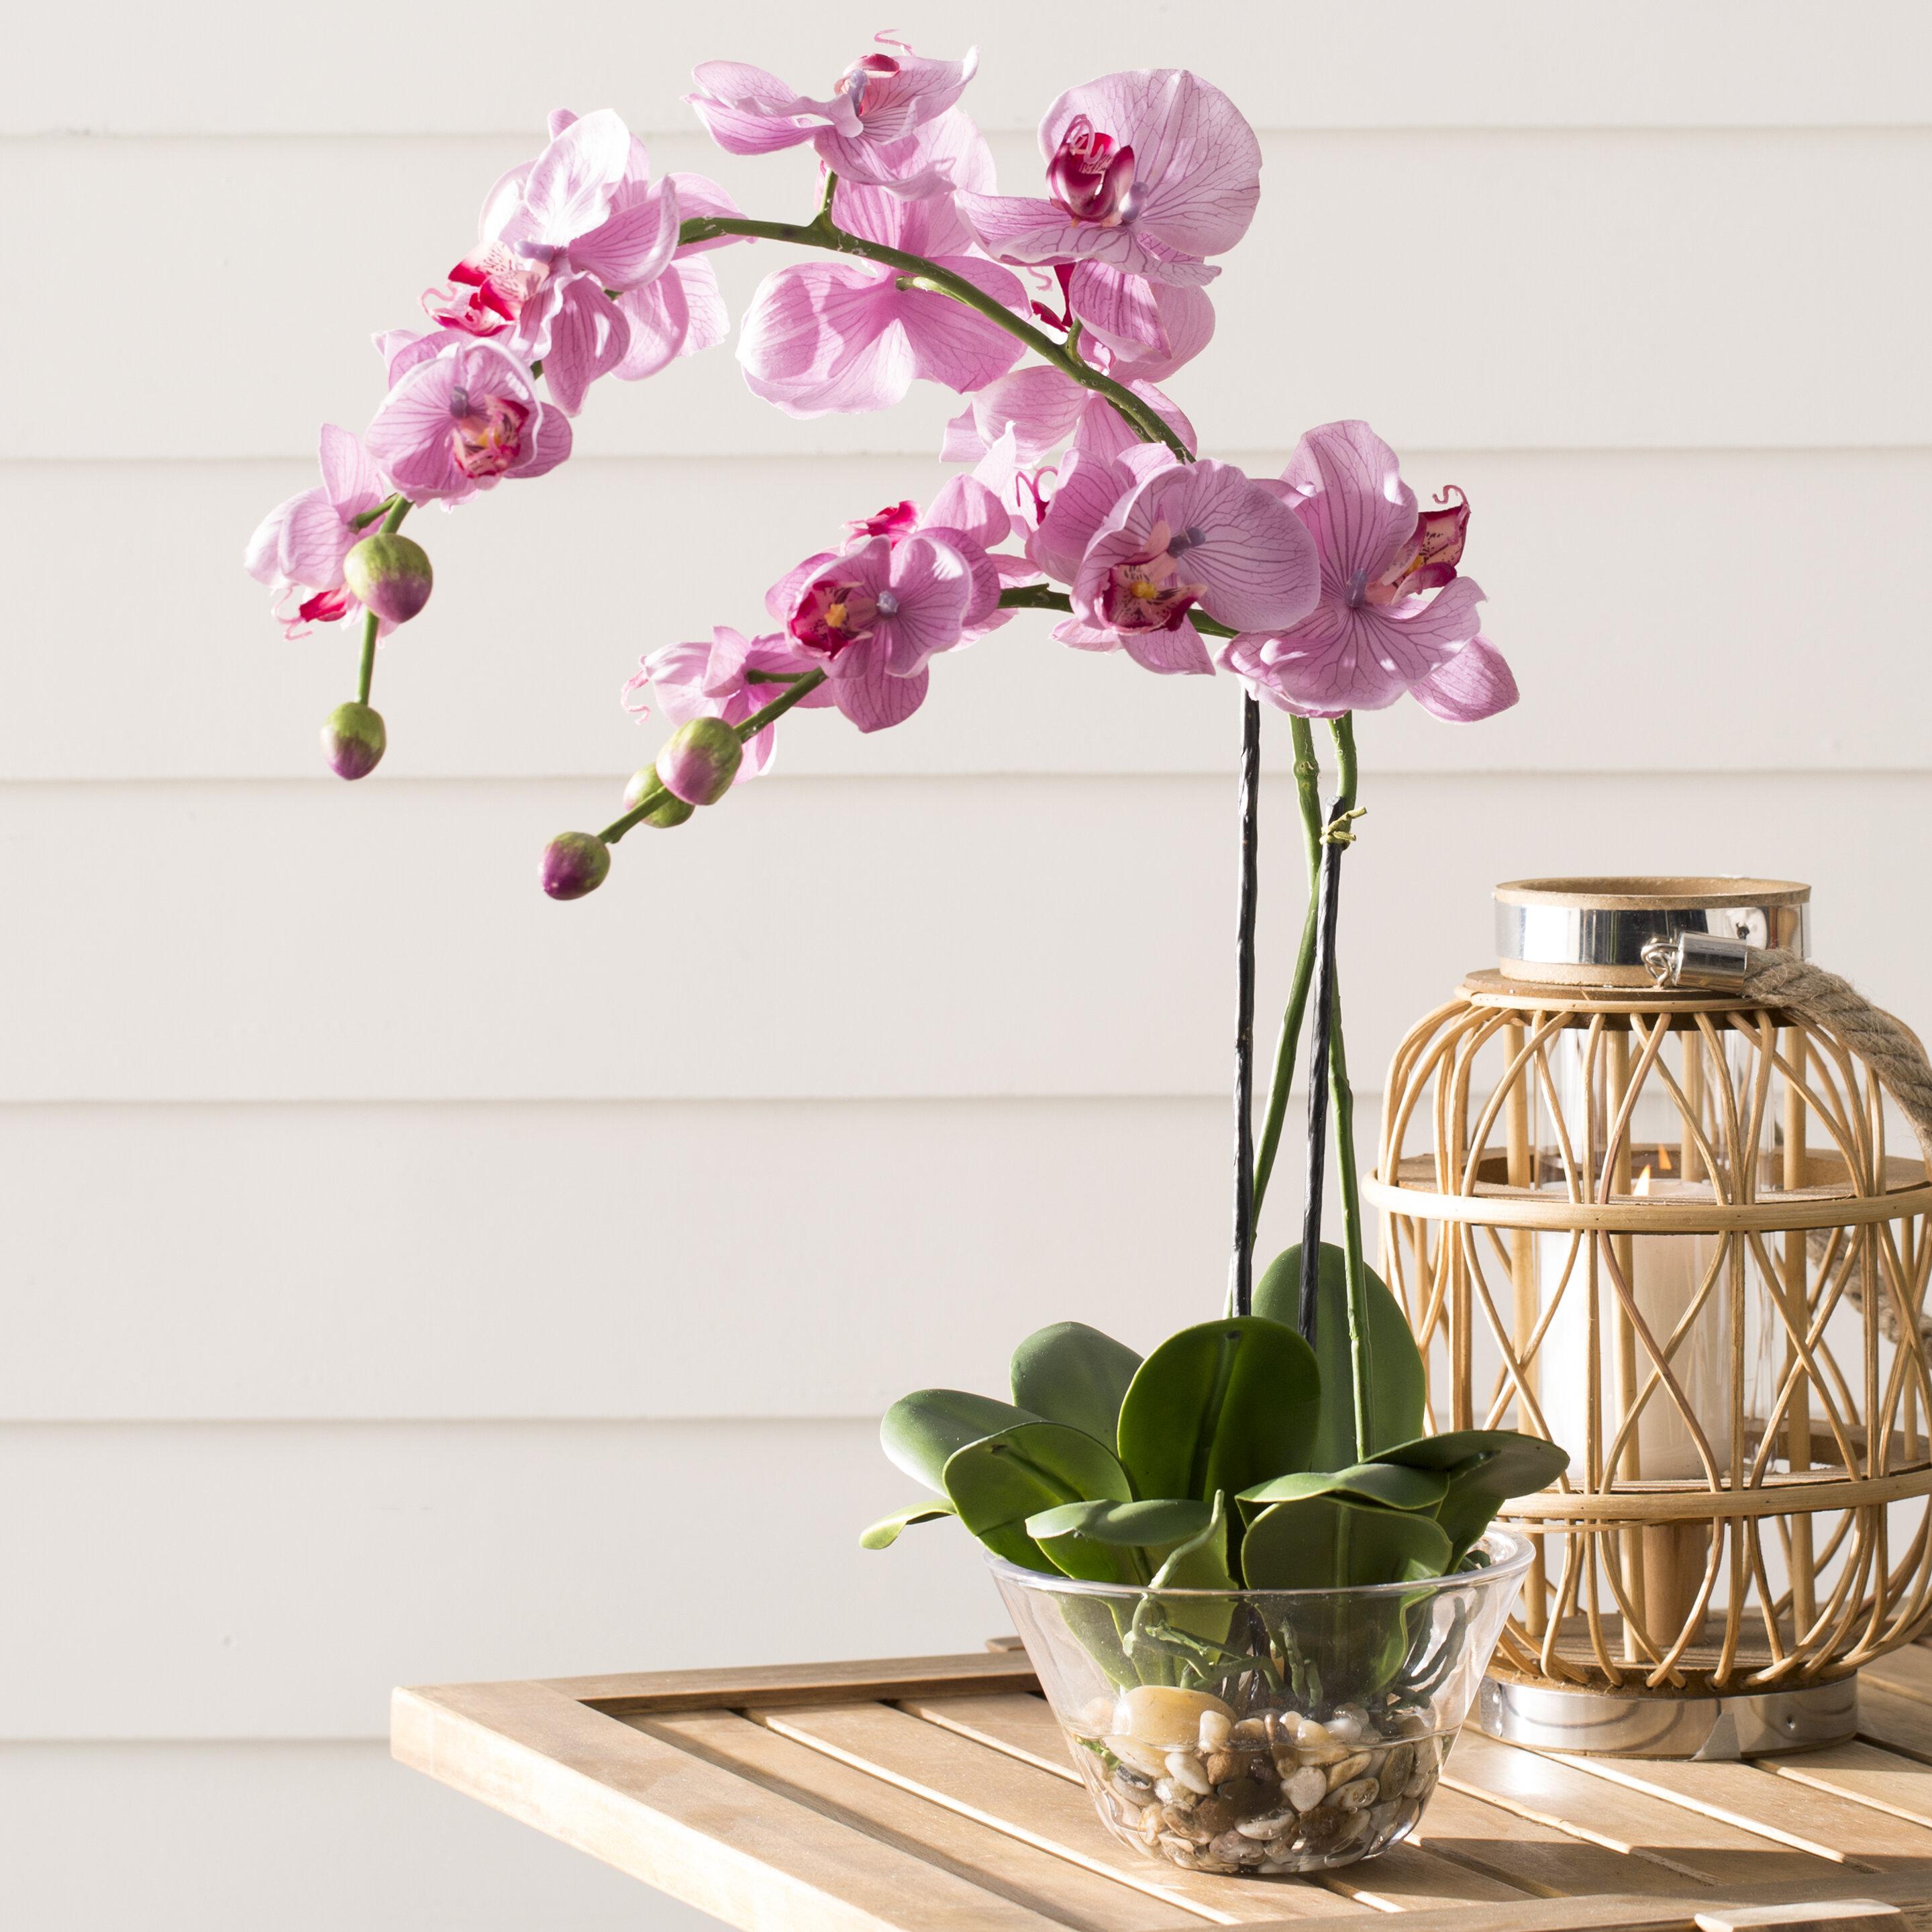 Orchids Floral Arrangement In Vase Reviews Joss Main